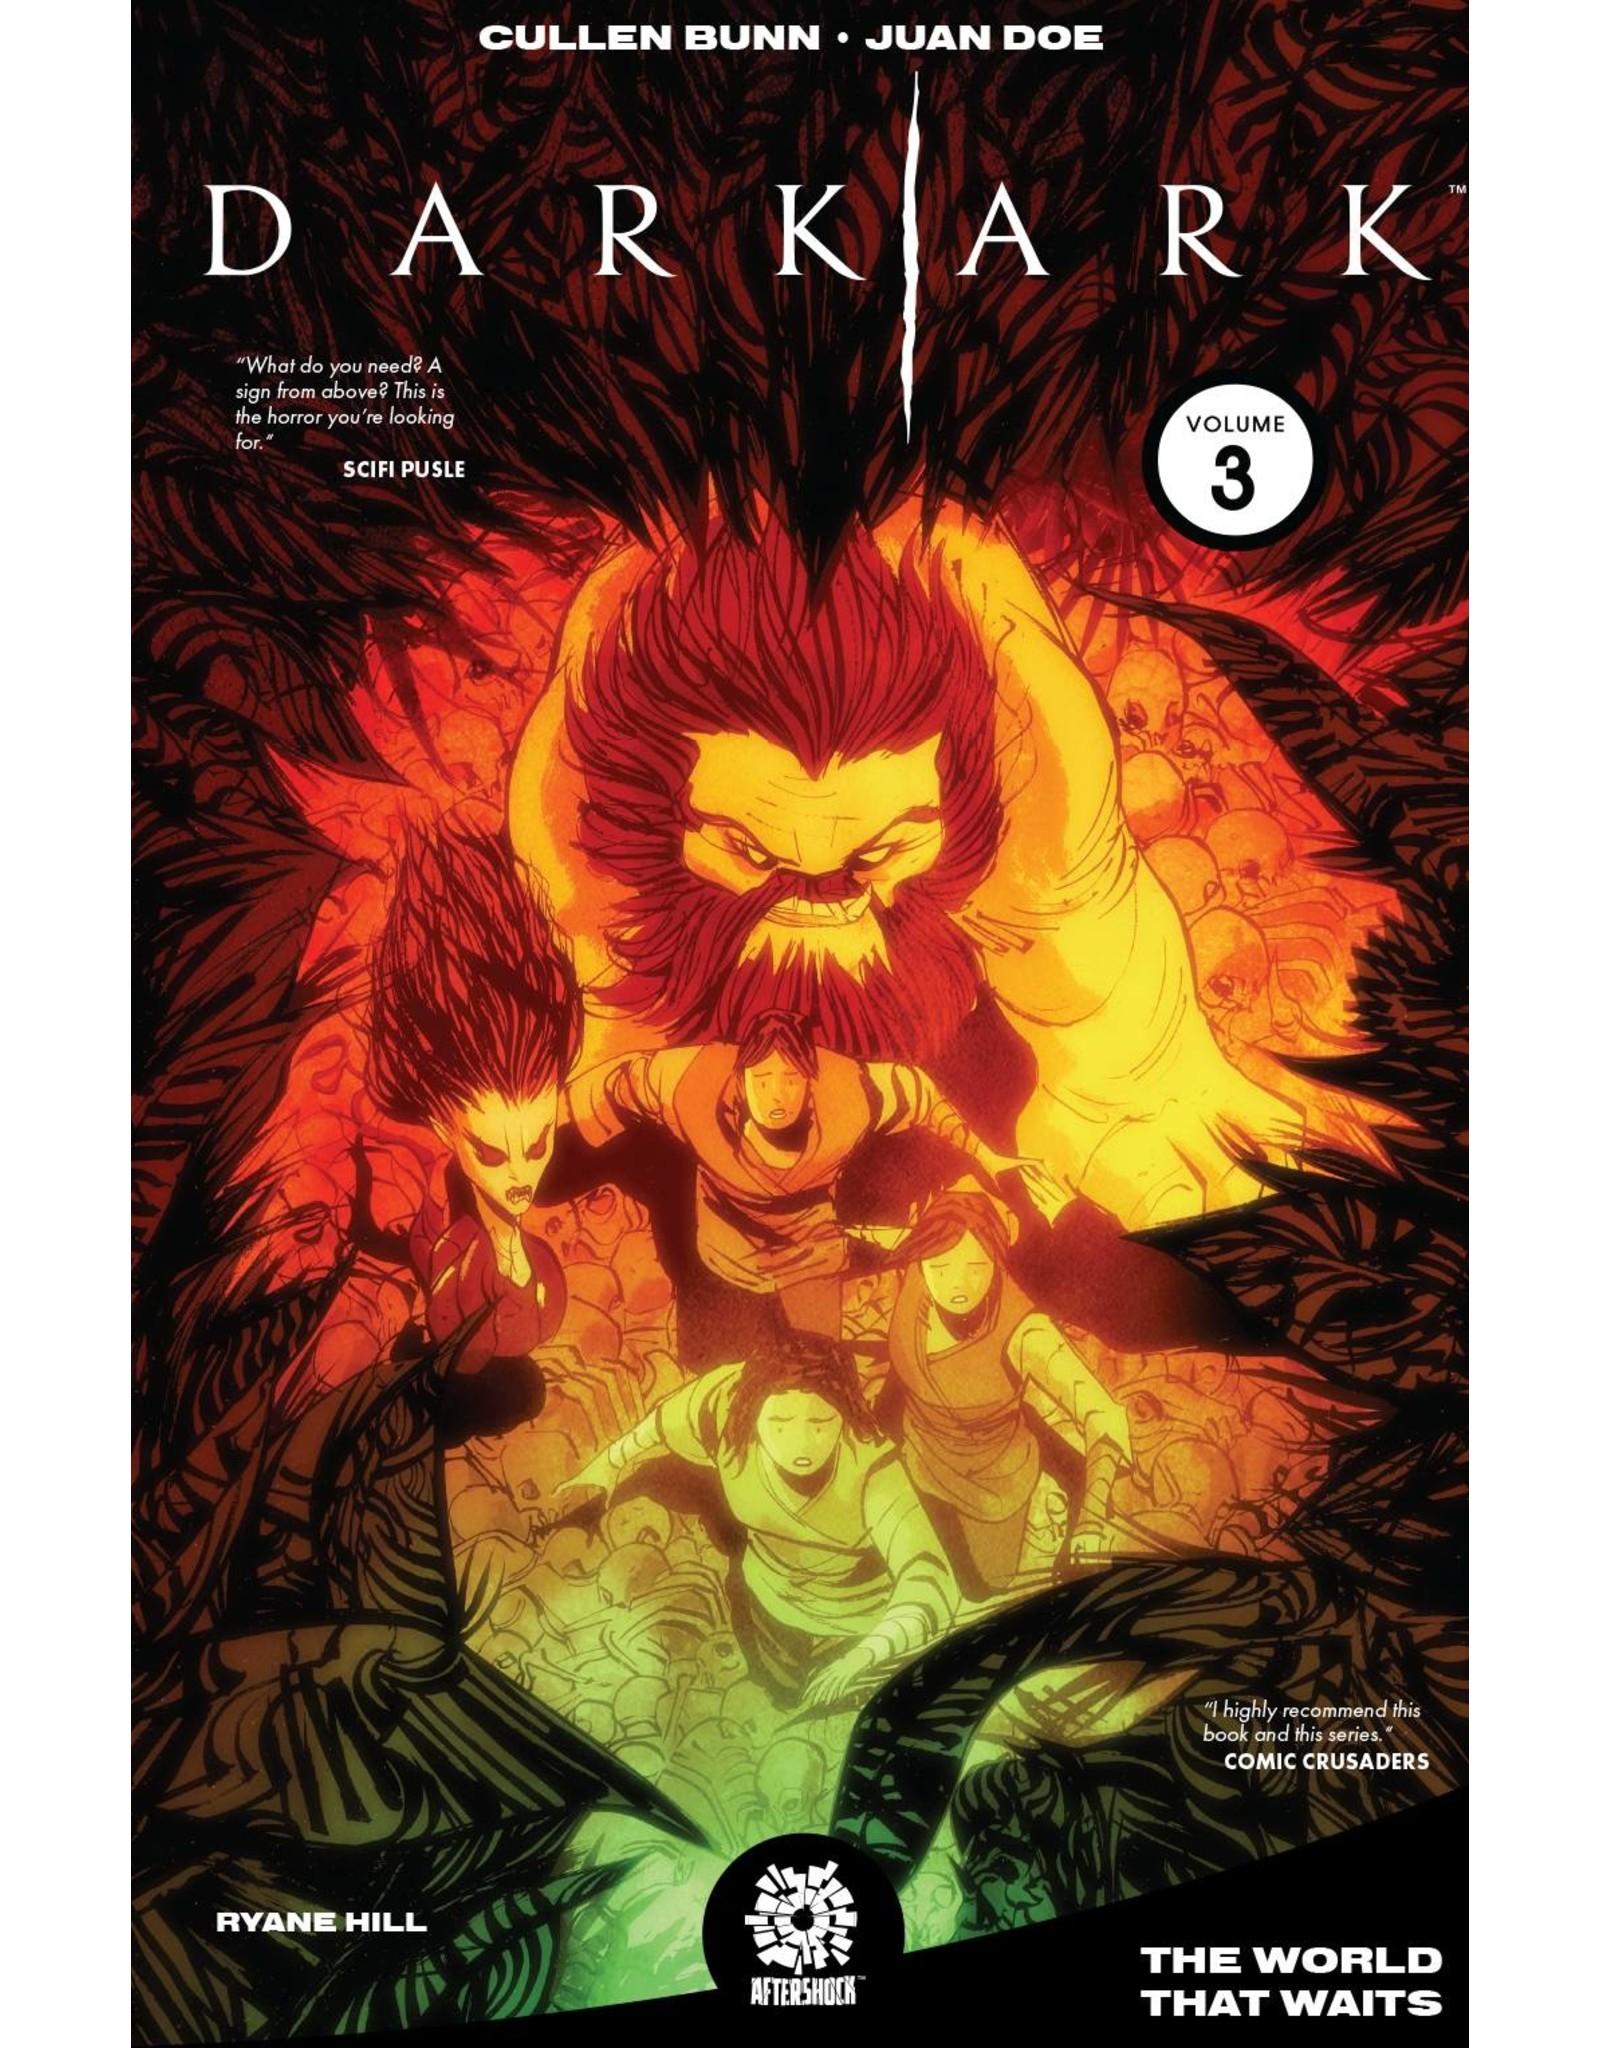 AFTERSHOCK COMICS DARK ARK TP VOL 03